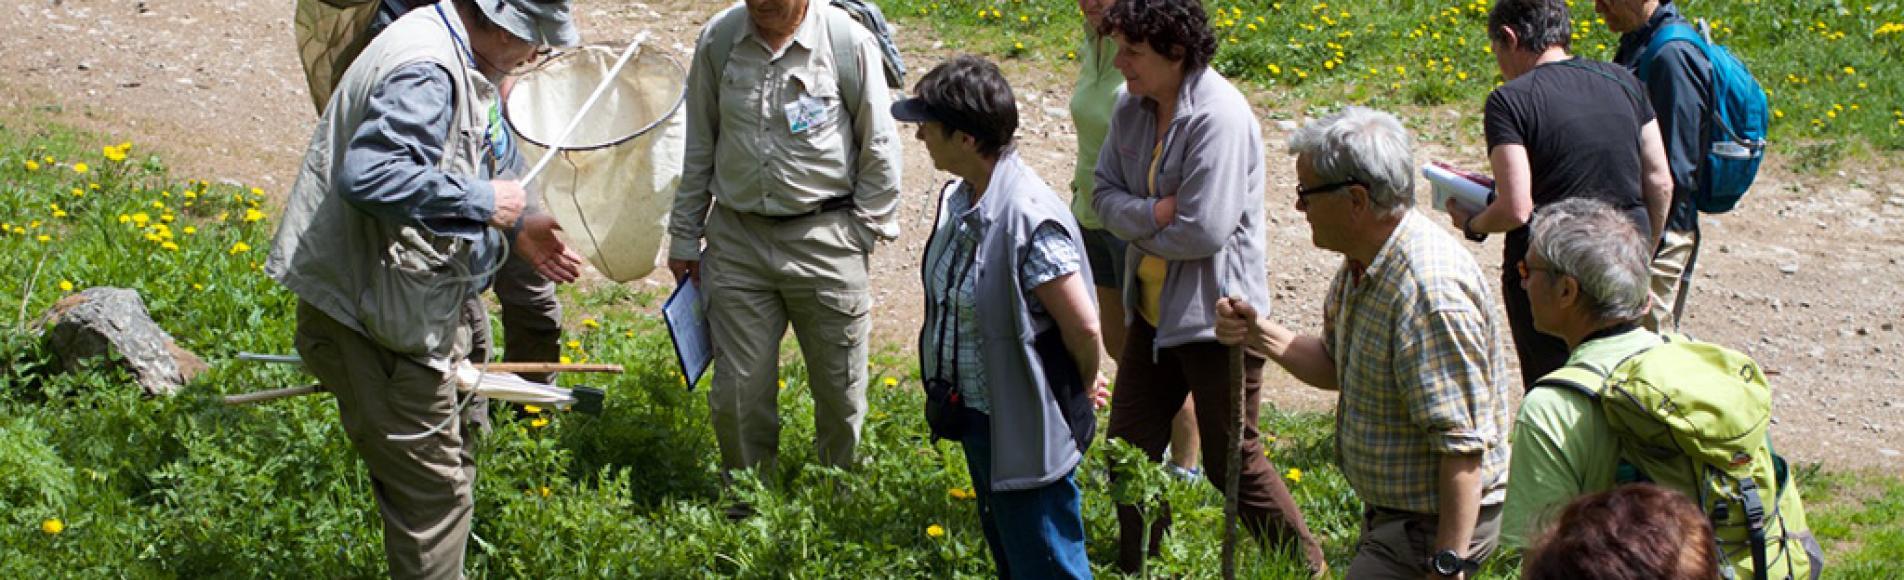 entomologie - embrun - evenement biodiversité 2016 - Parc national des Écrins